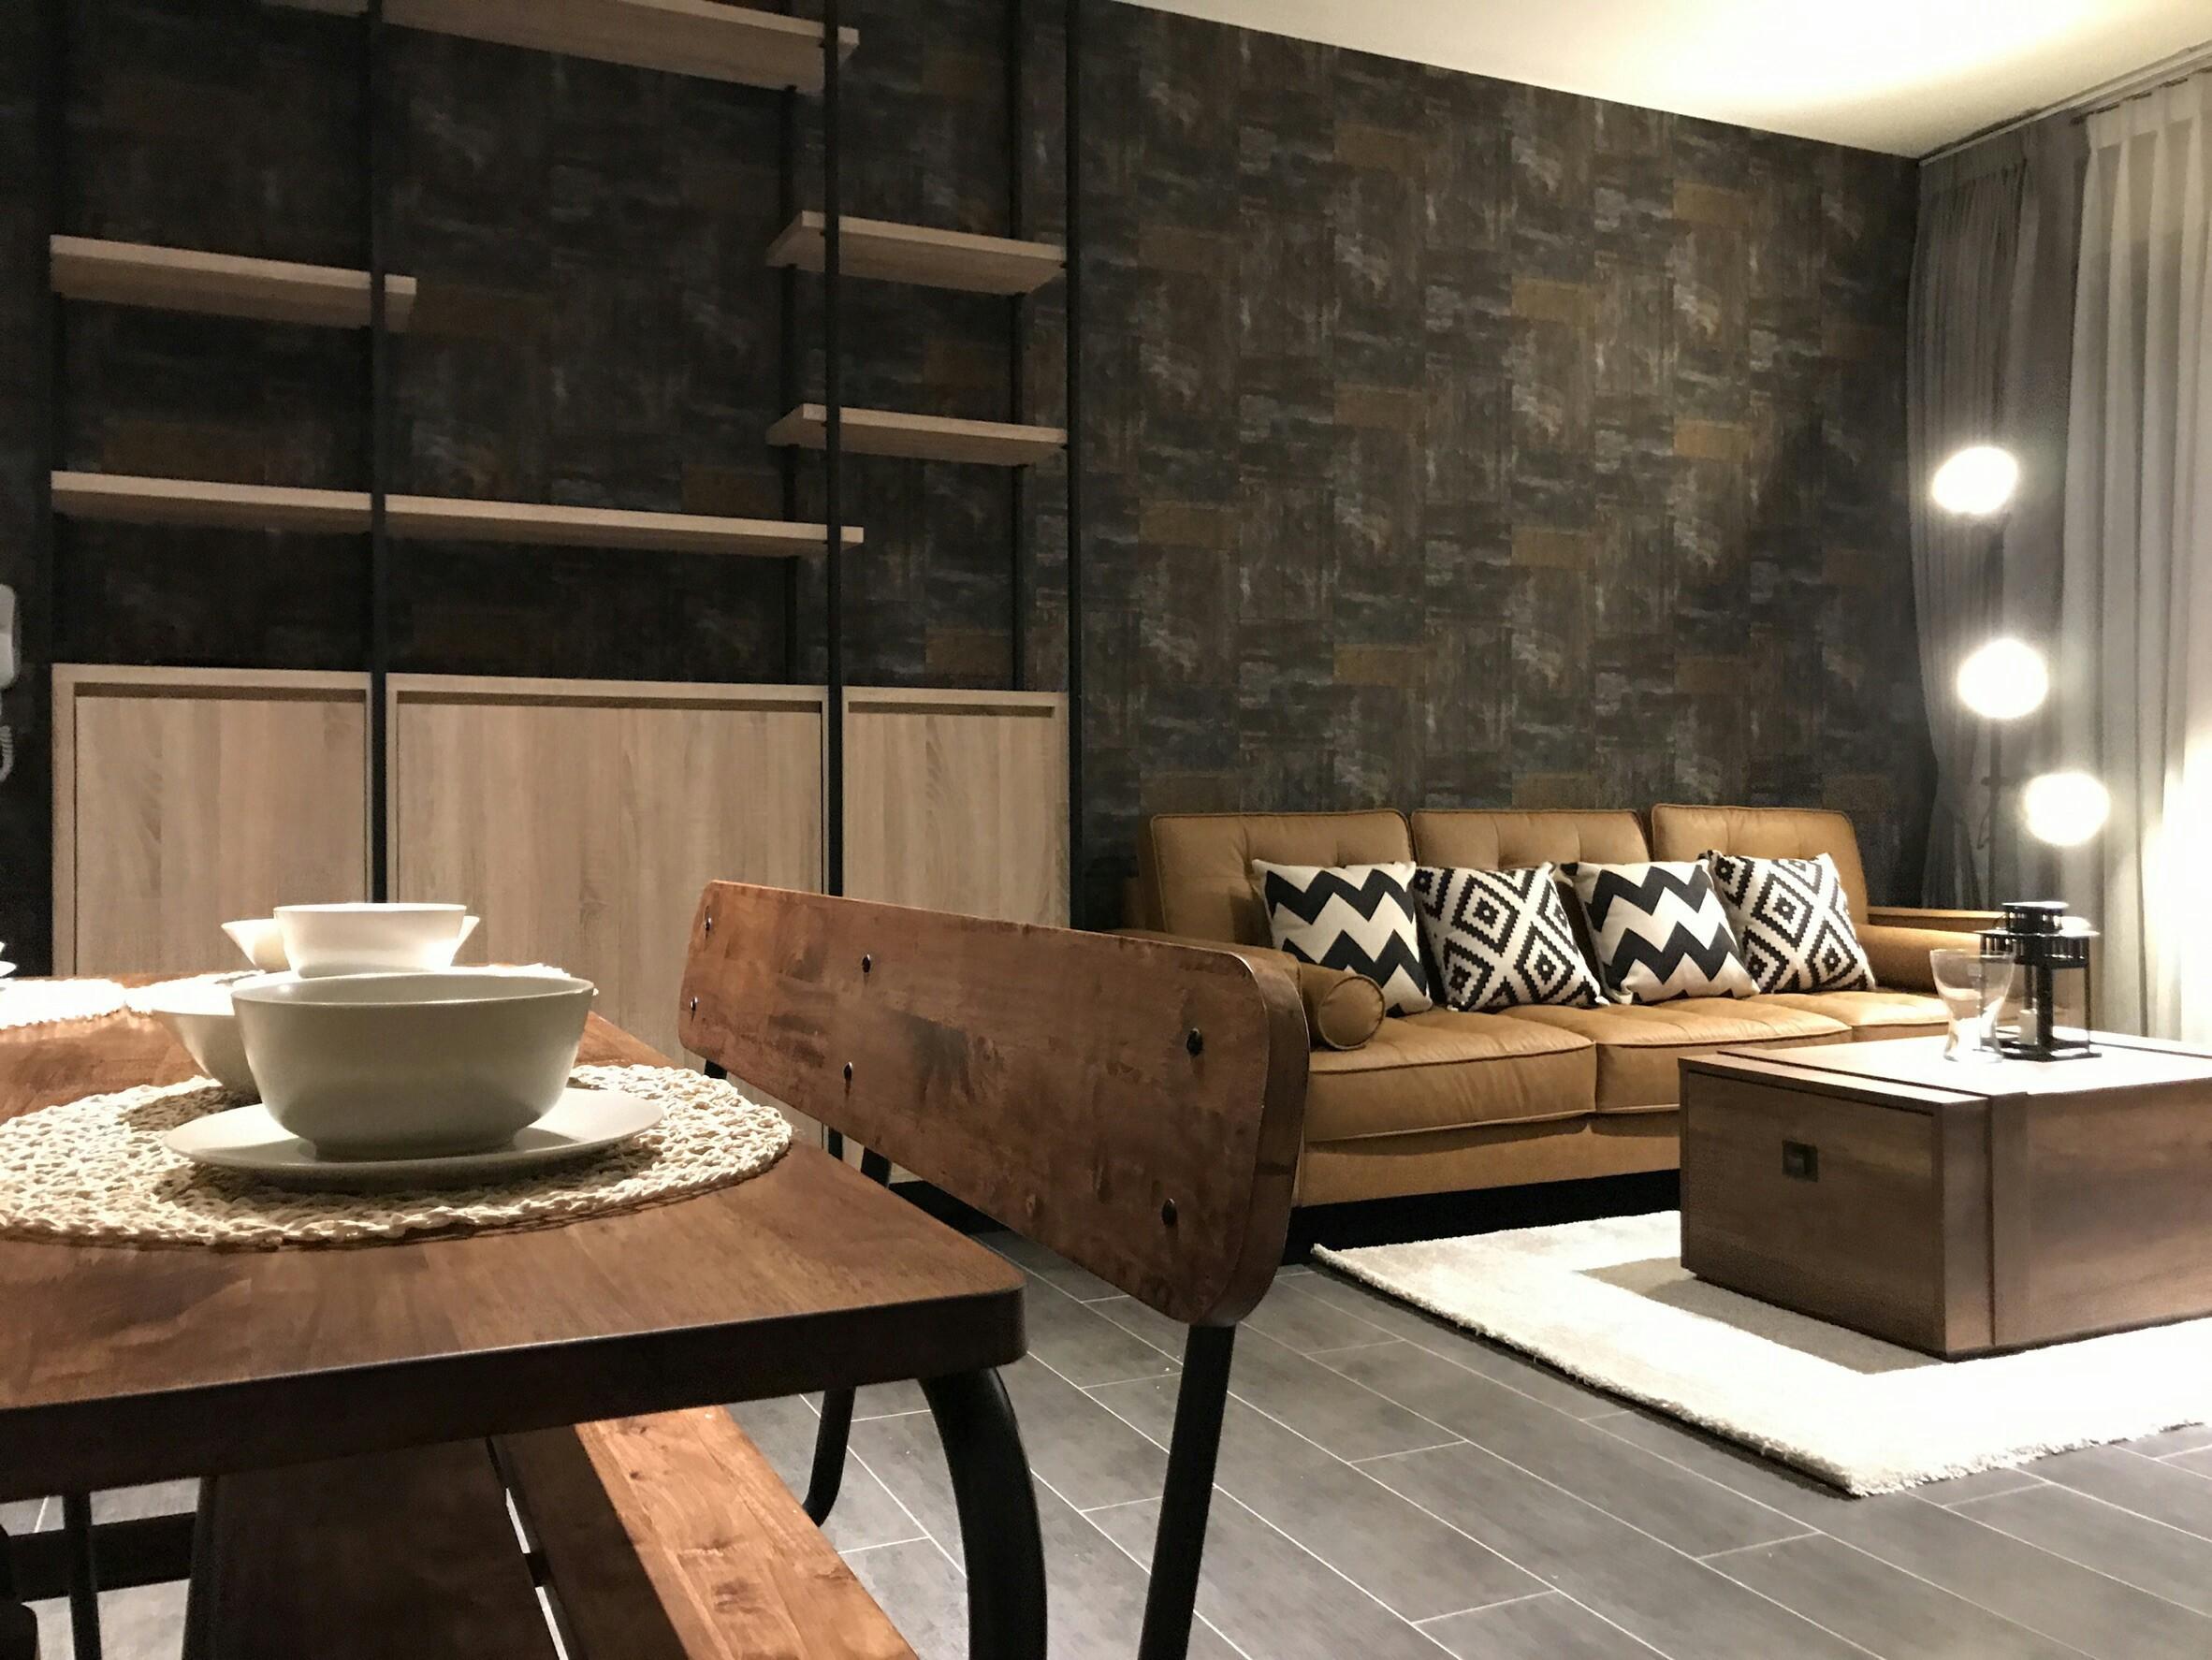 รหัสทรัพย์ 56336 The Lofts Ekkamai (เดอะ ล็อฟท์ เอกมัย) 2 ห้องนอน 1 ห้องน้ำ (ห้องมุม)ขนาด 61 ตรม.ชั้น 8 (ห้อง 809 ) ตกแต่งครบพร้อมอยู่